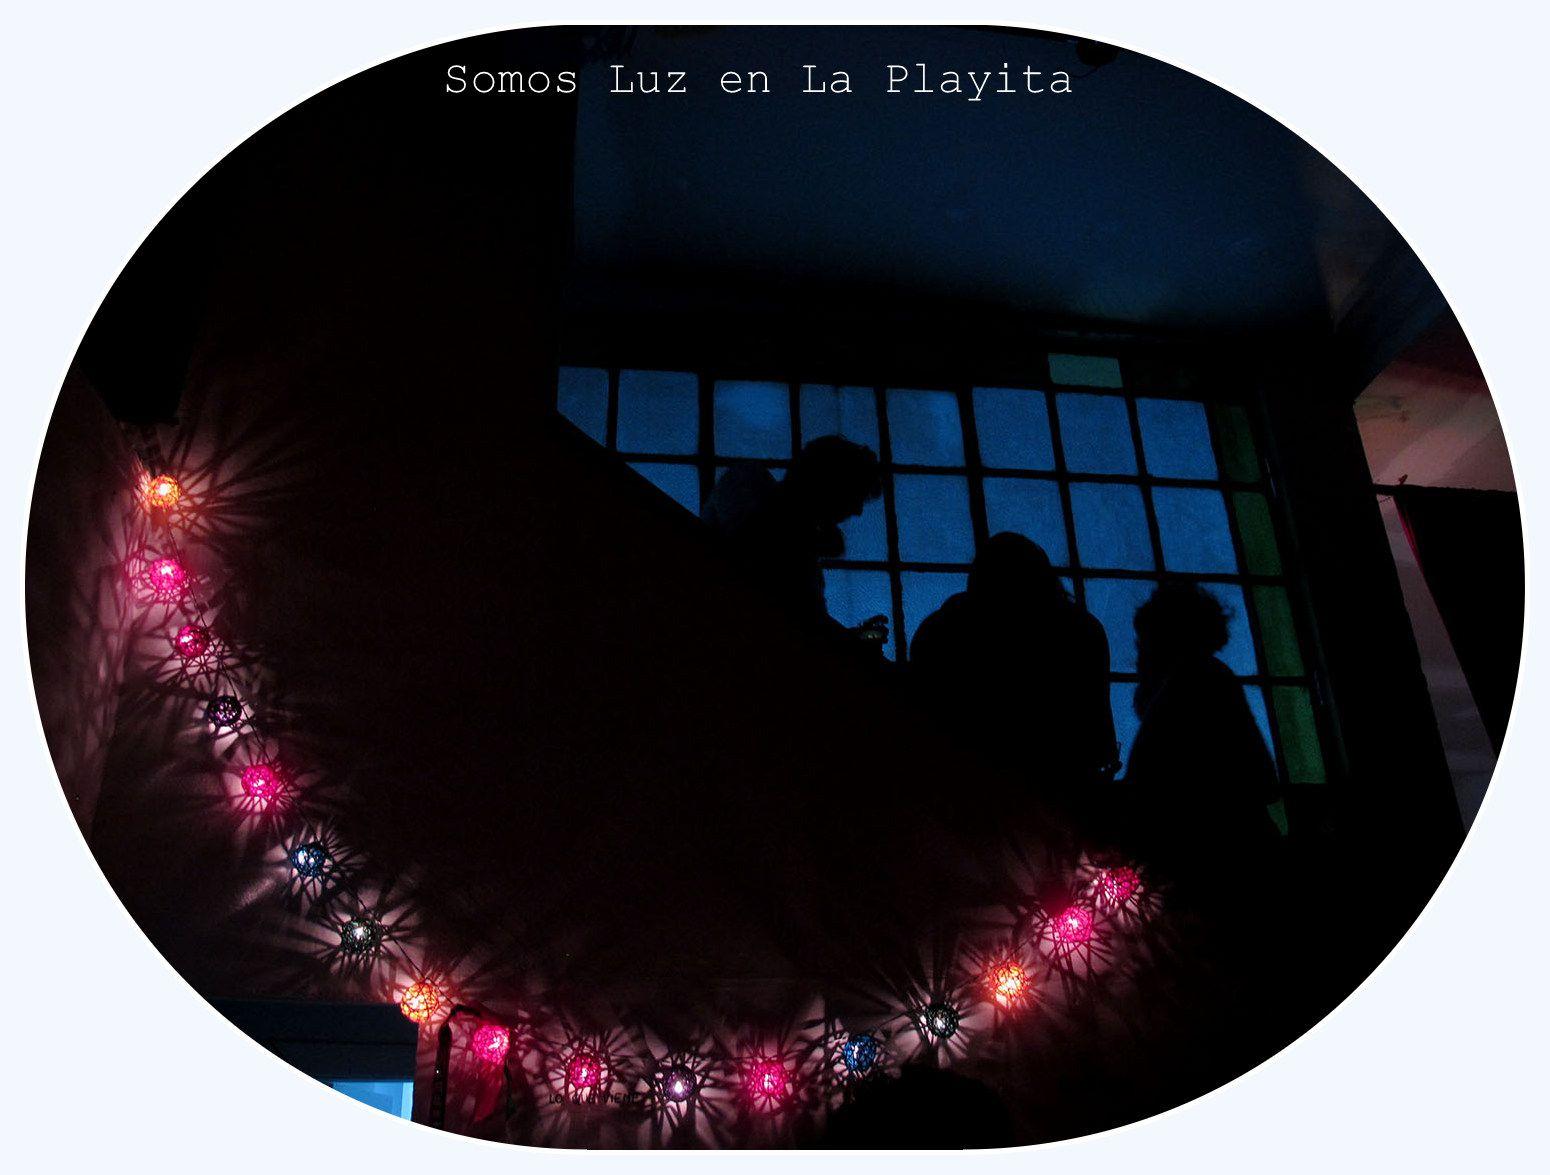 Somos Luz en La Playita